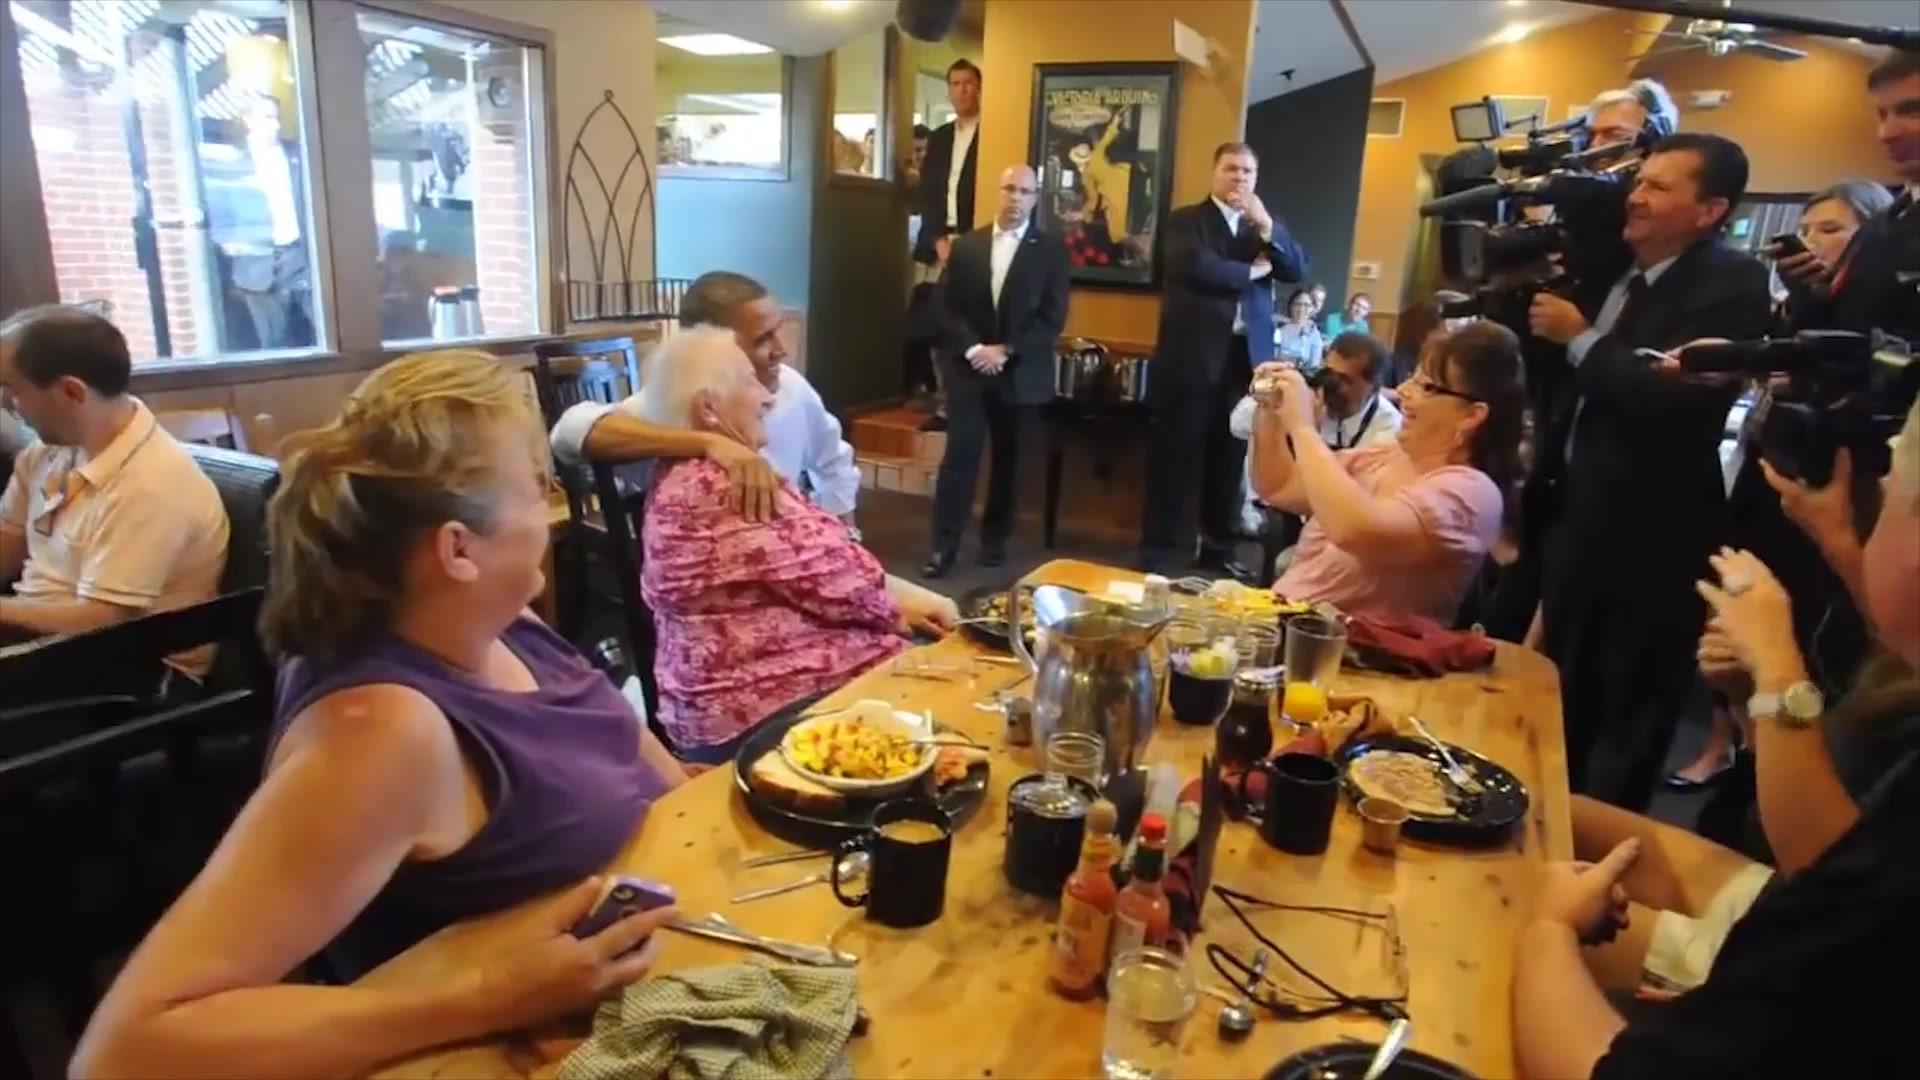 奥巴马总统在餐厅里,听到老太太想合影,急忙半跪着实现她的愿望